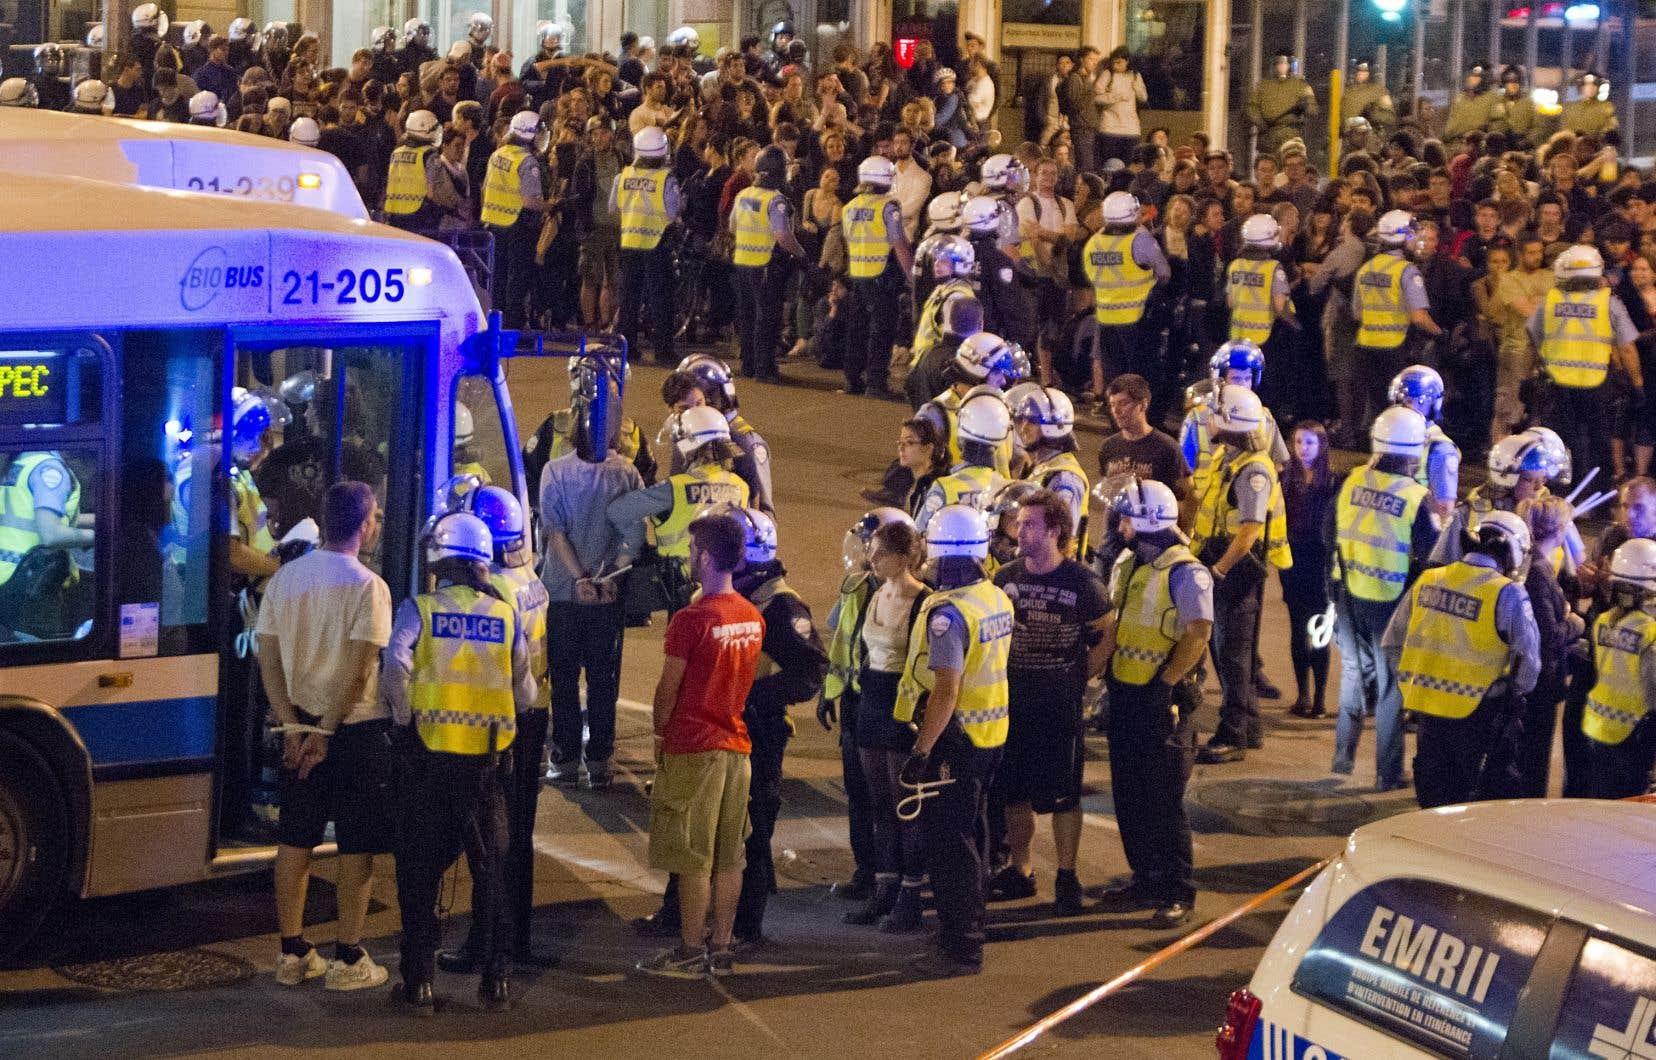 Amnistie internationale et la Ligue des droits et libertés disent avoir eu l'assurance des forces policières qu'il n'y aurait pas d'arrestations de masse en «souricière» à Québec.